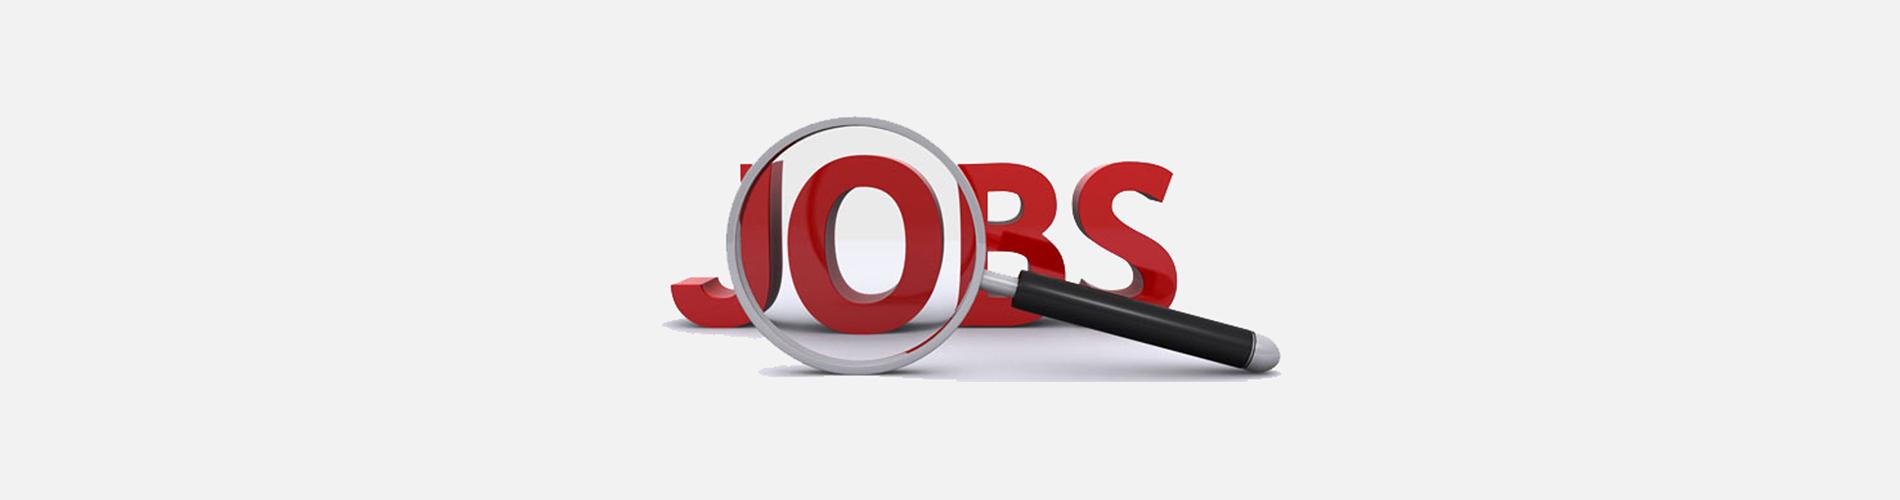 Career Jobs Rayburn Plastics Precision Engineering